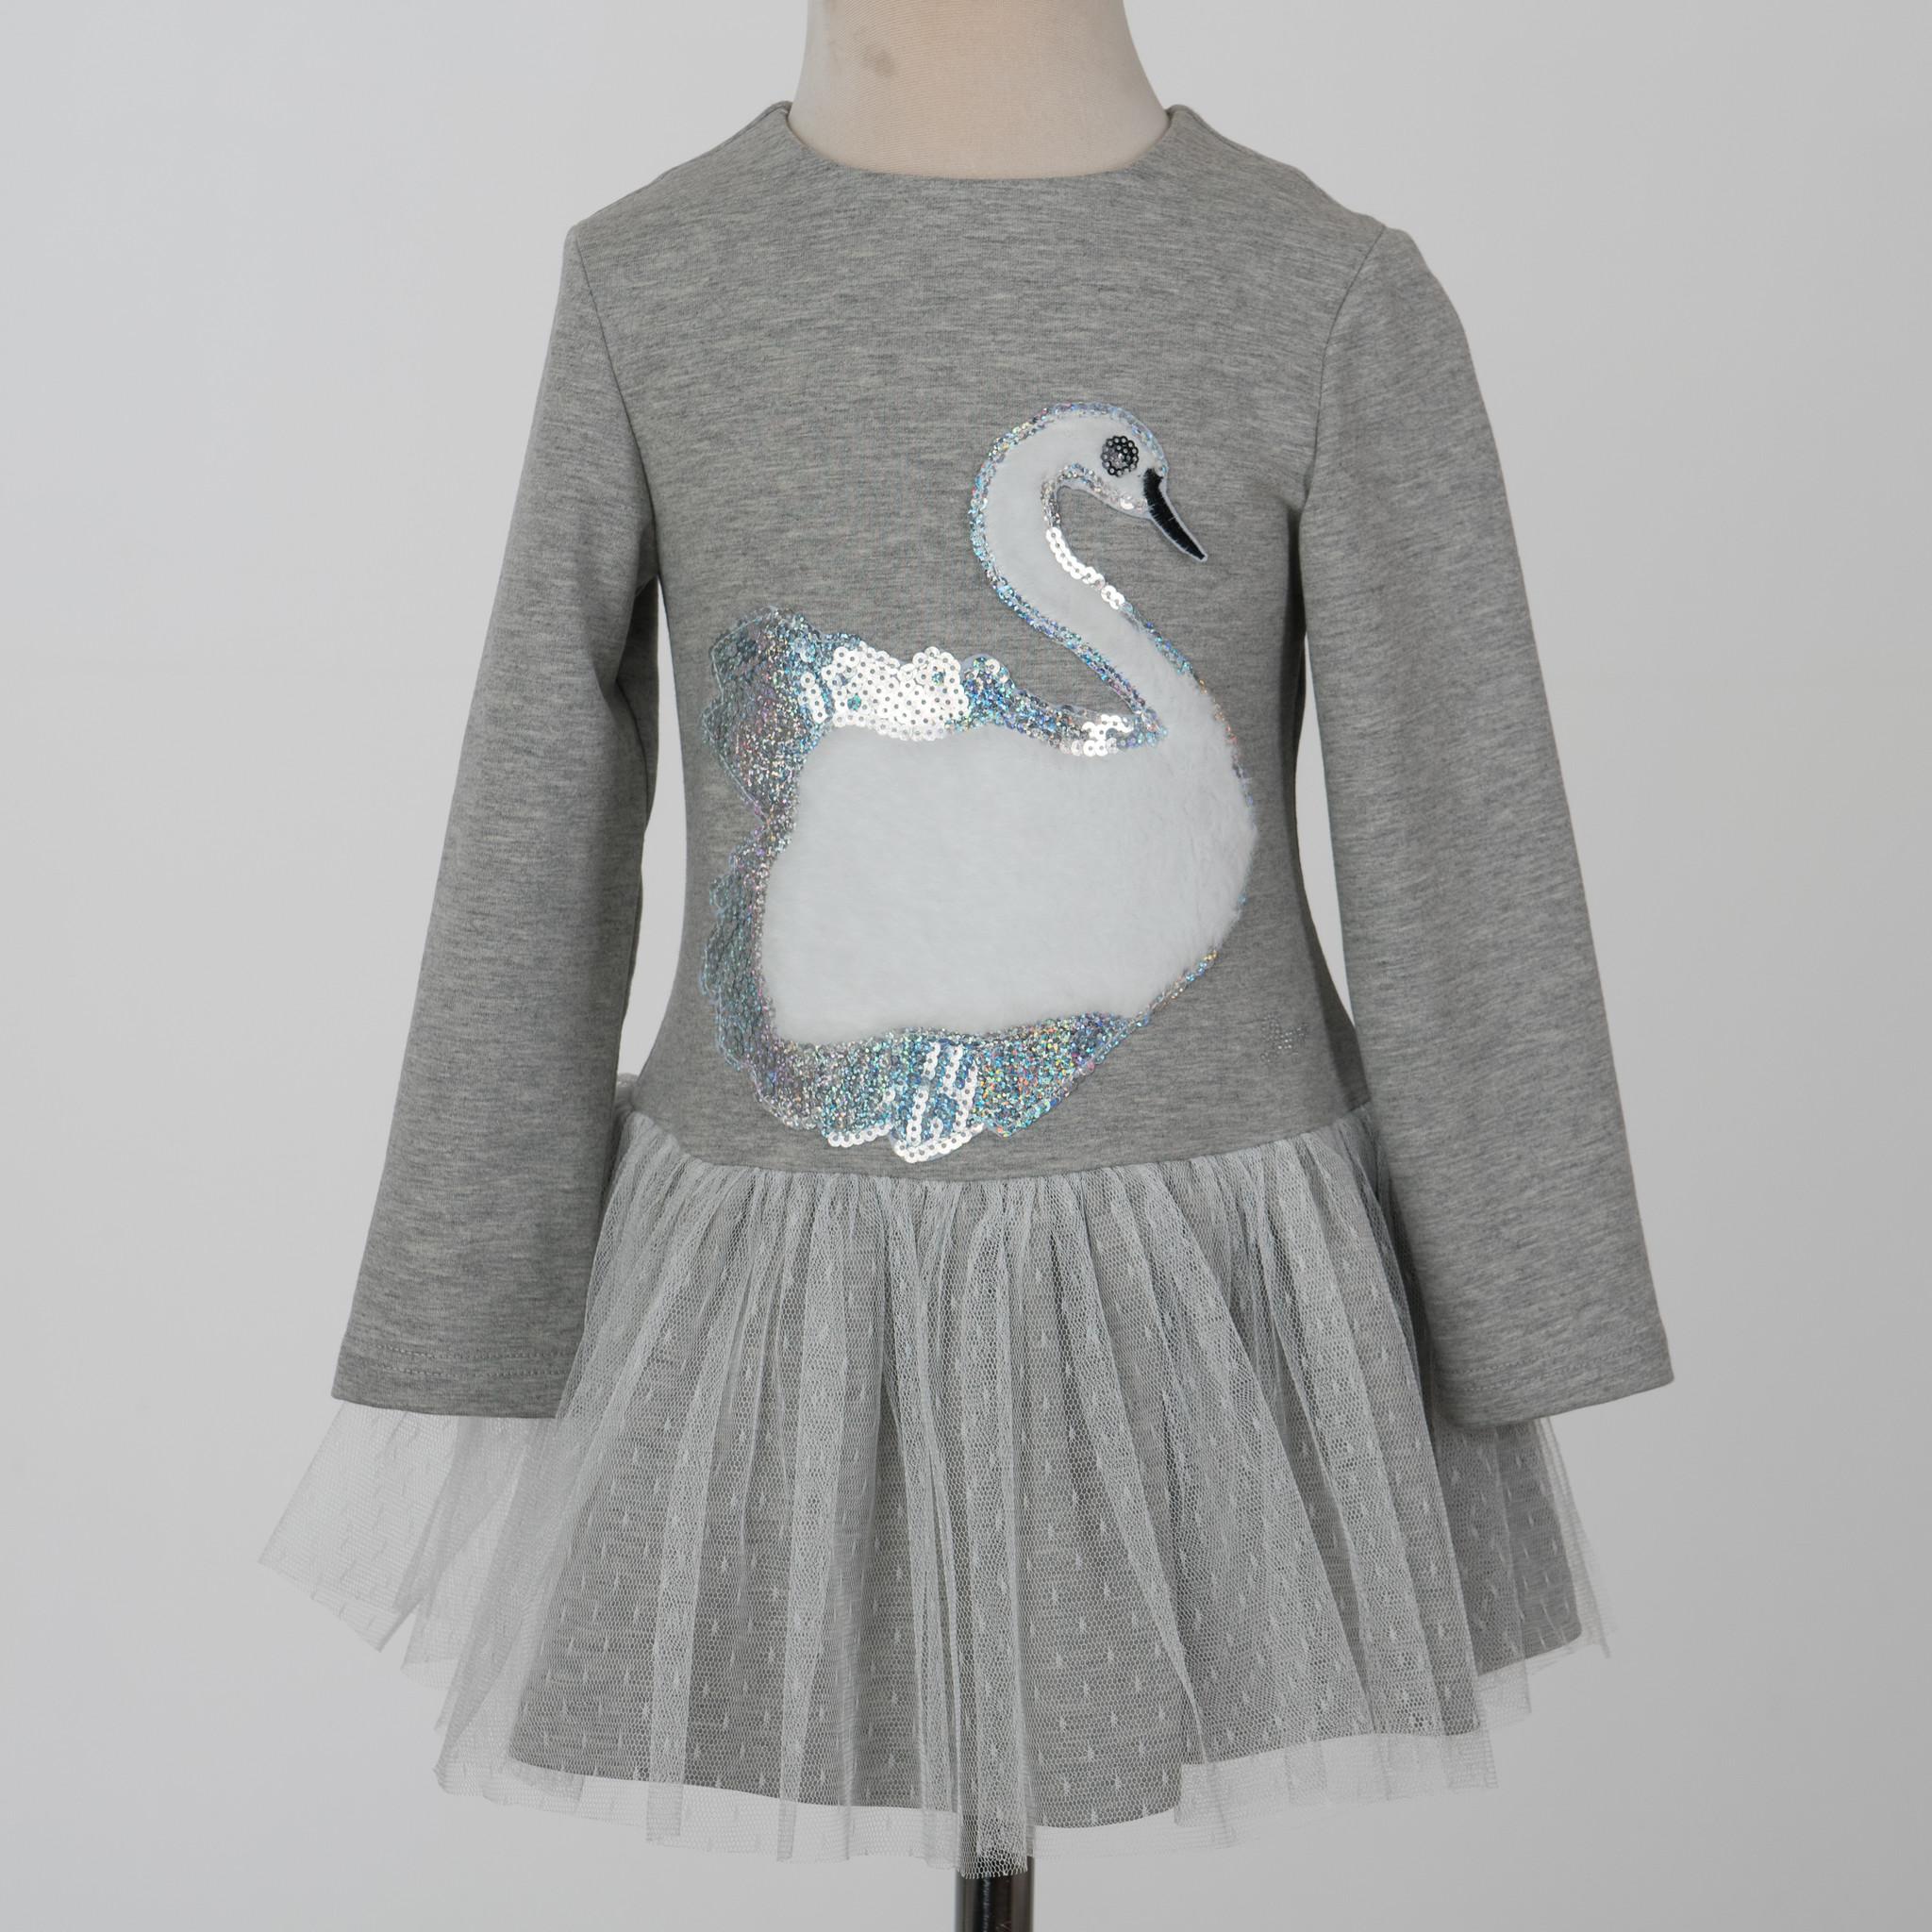 Daga Daga Grey Swan Dress - M8507